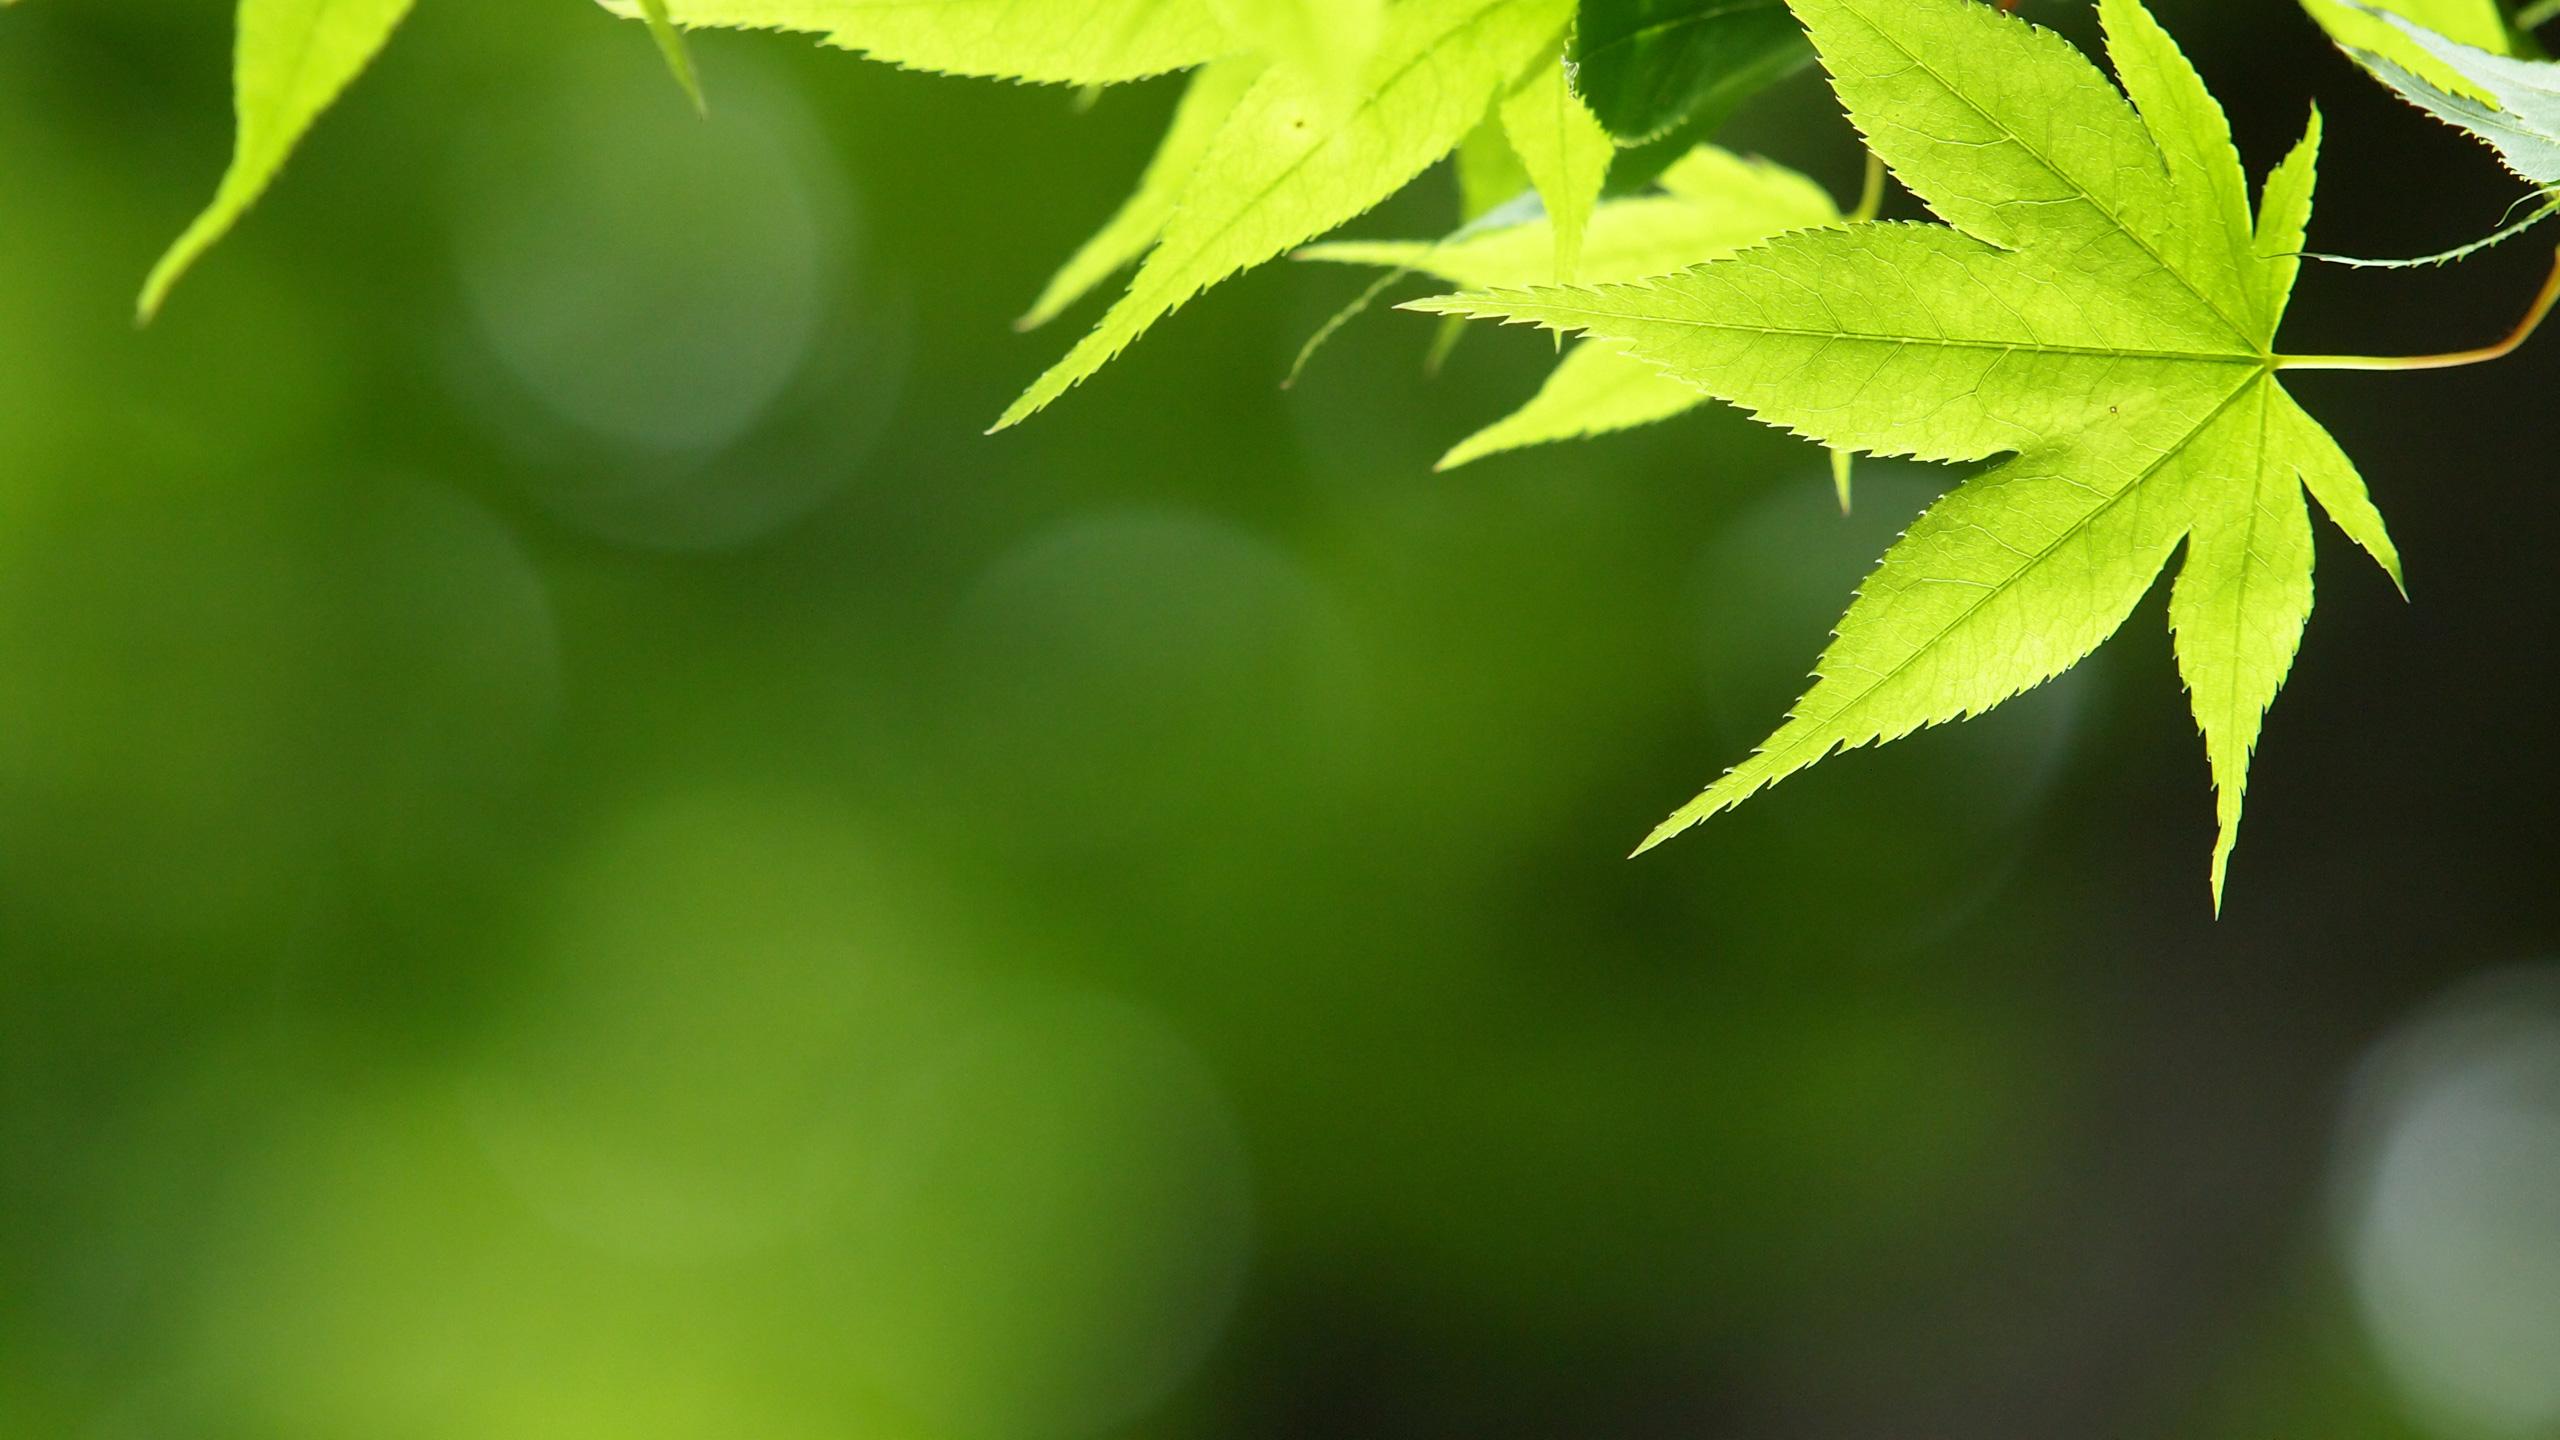 シンプル 緑の壁紙 緑色のシンプル写真 高解像度 高画質の無料壁紙